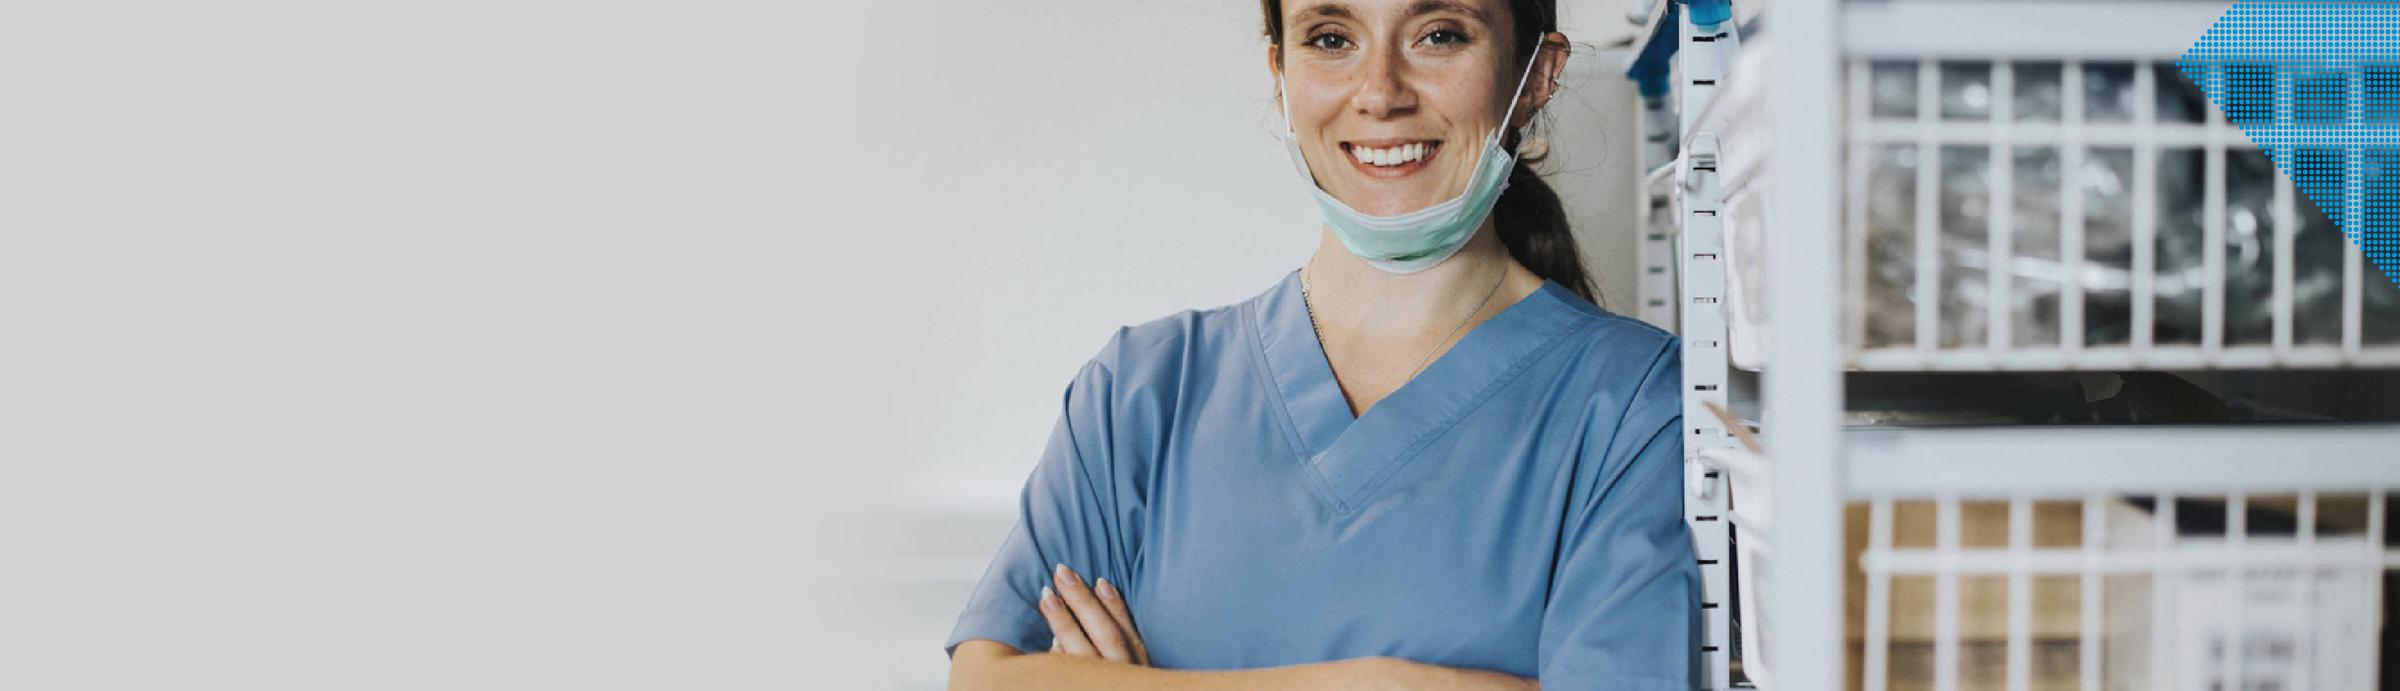 Início - Healthcare